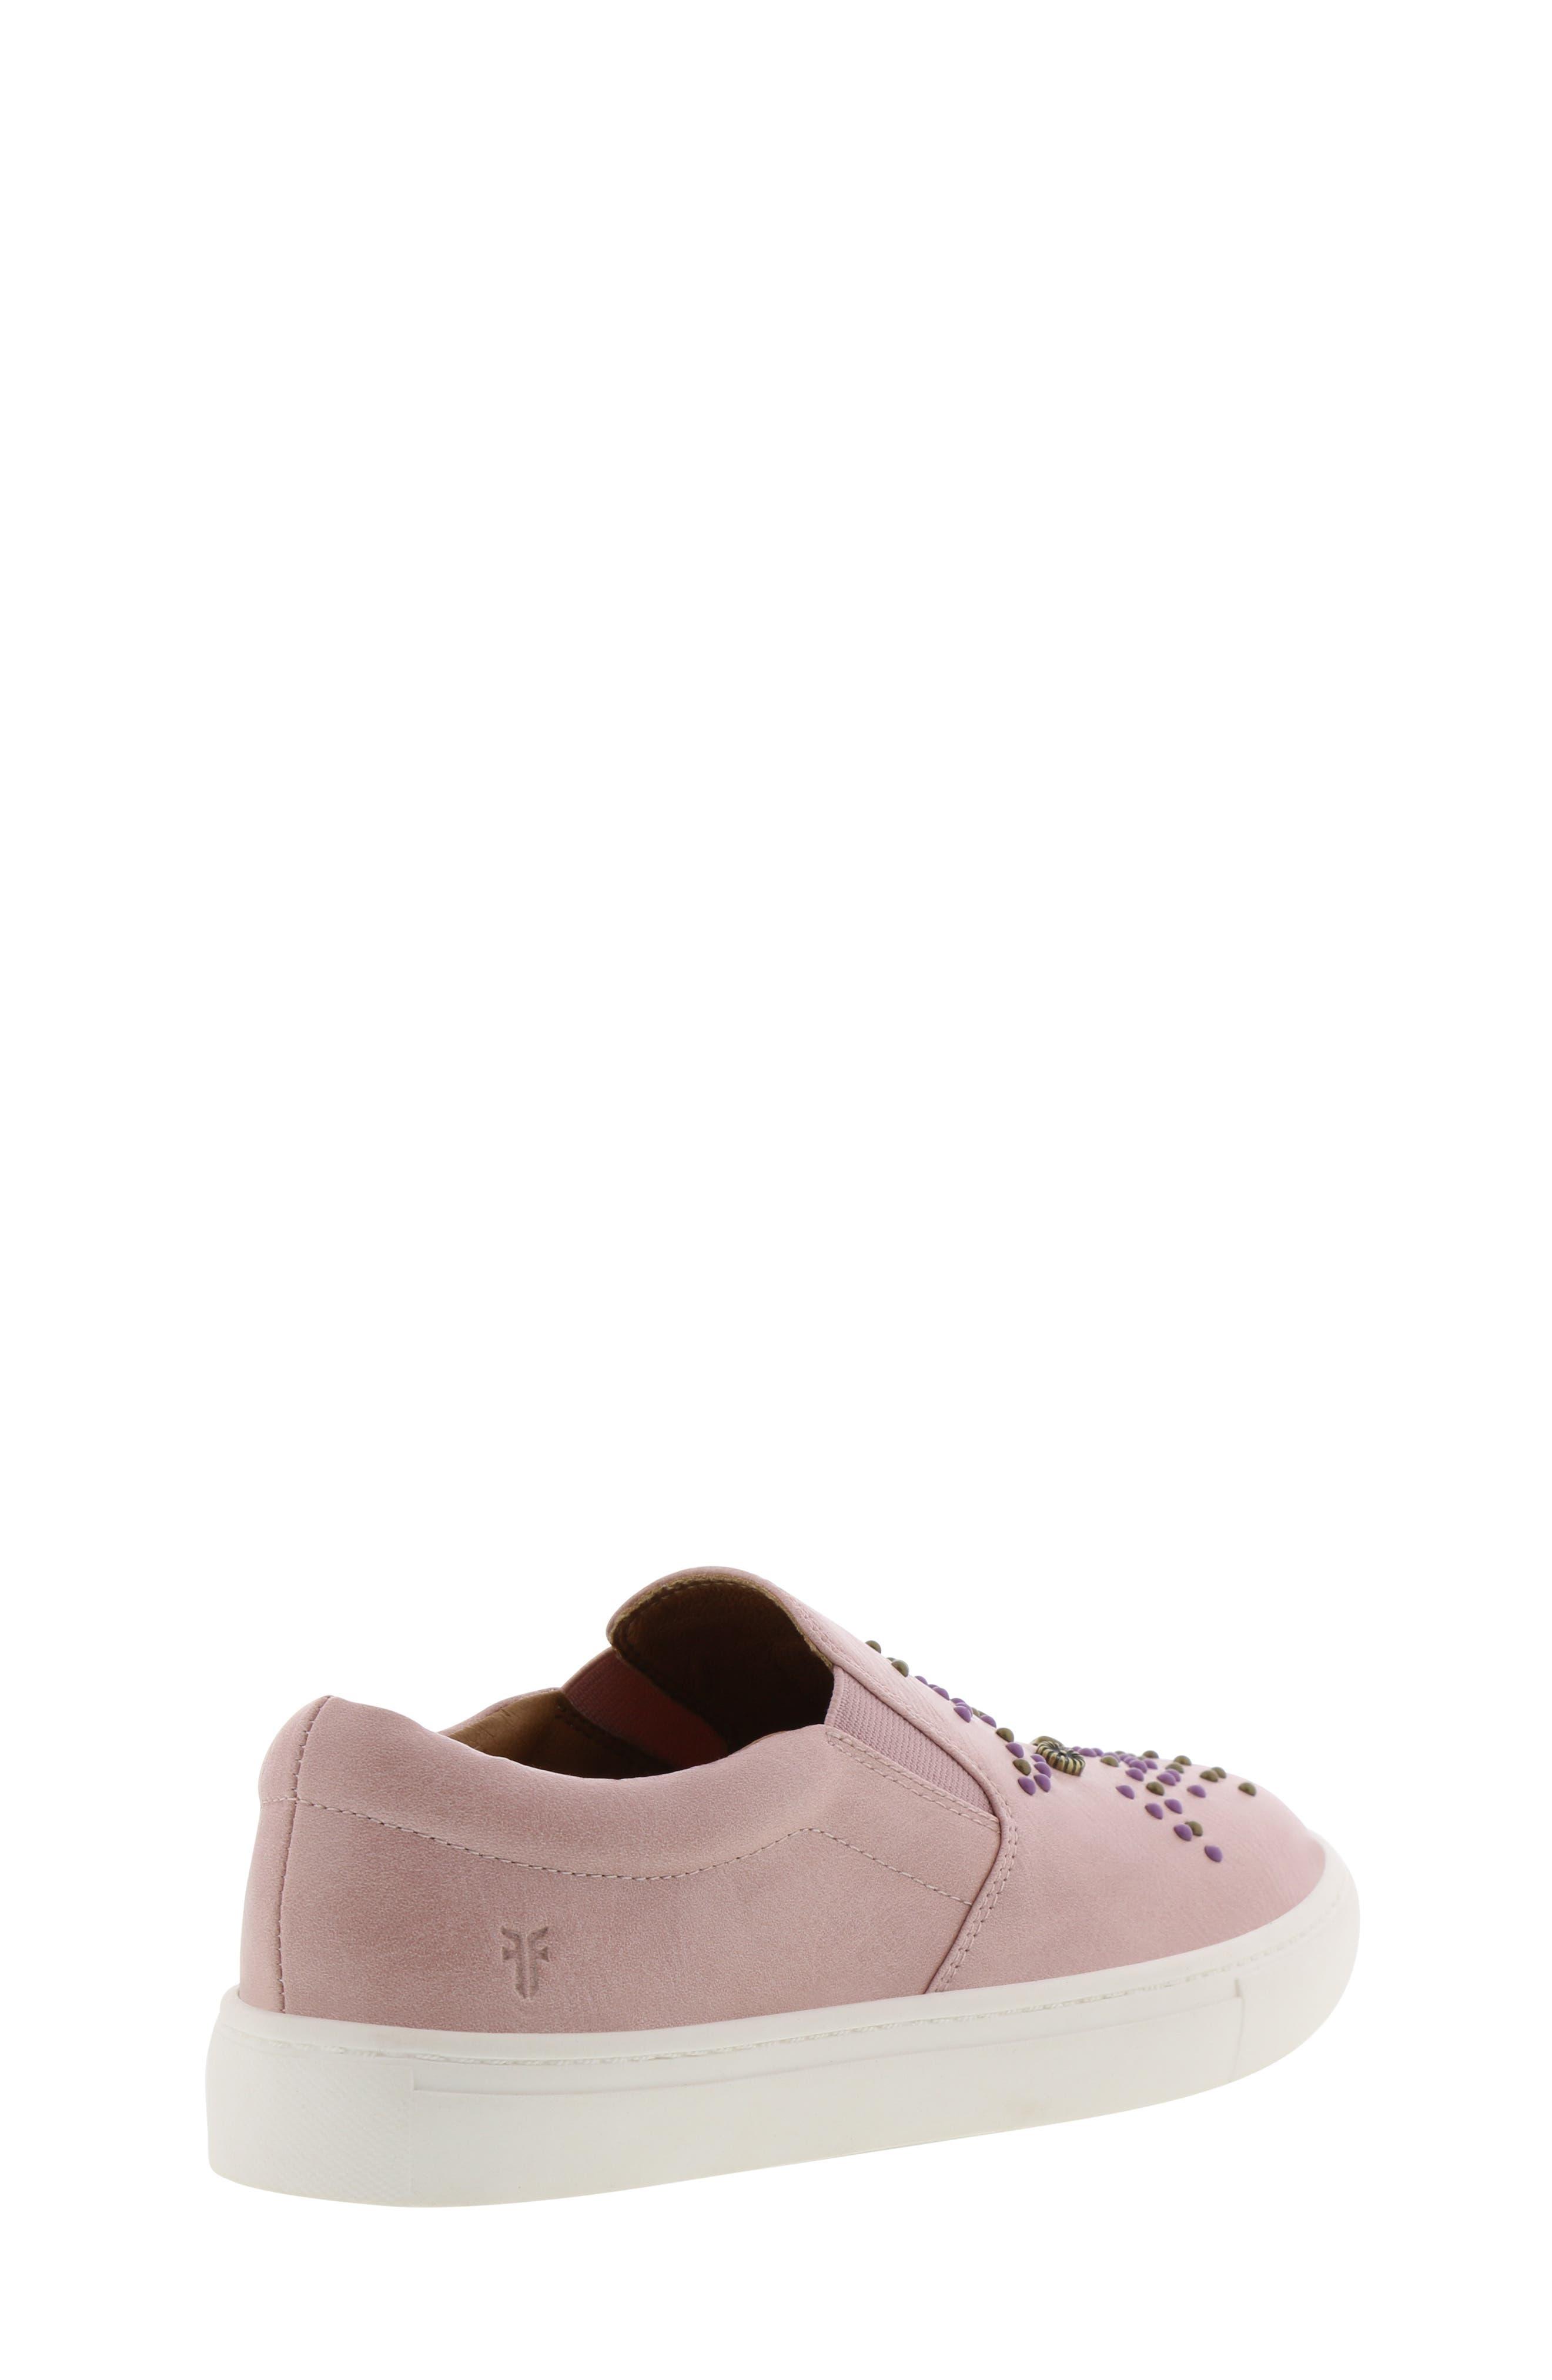 FRYE, Lena Studded Sneaker, Alternate thumbnail 2, color, 686